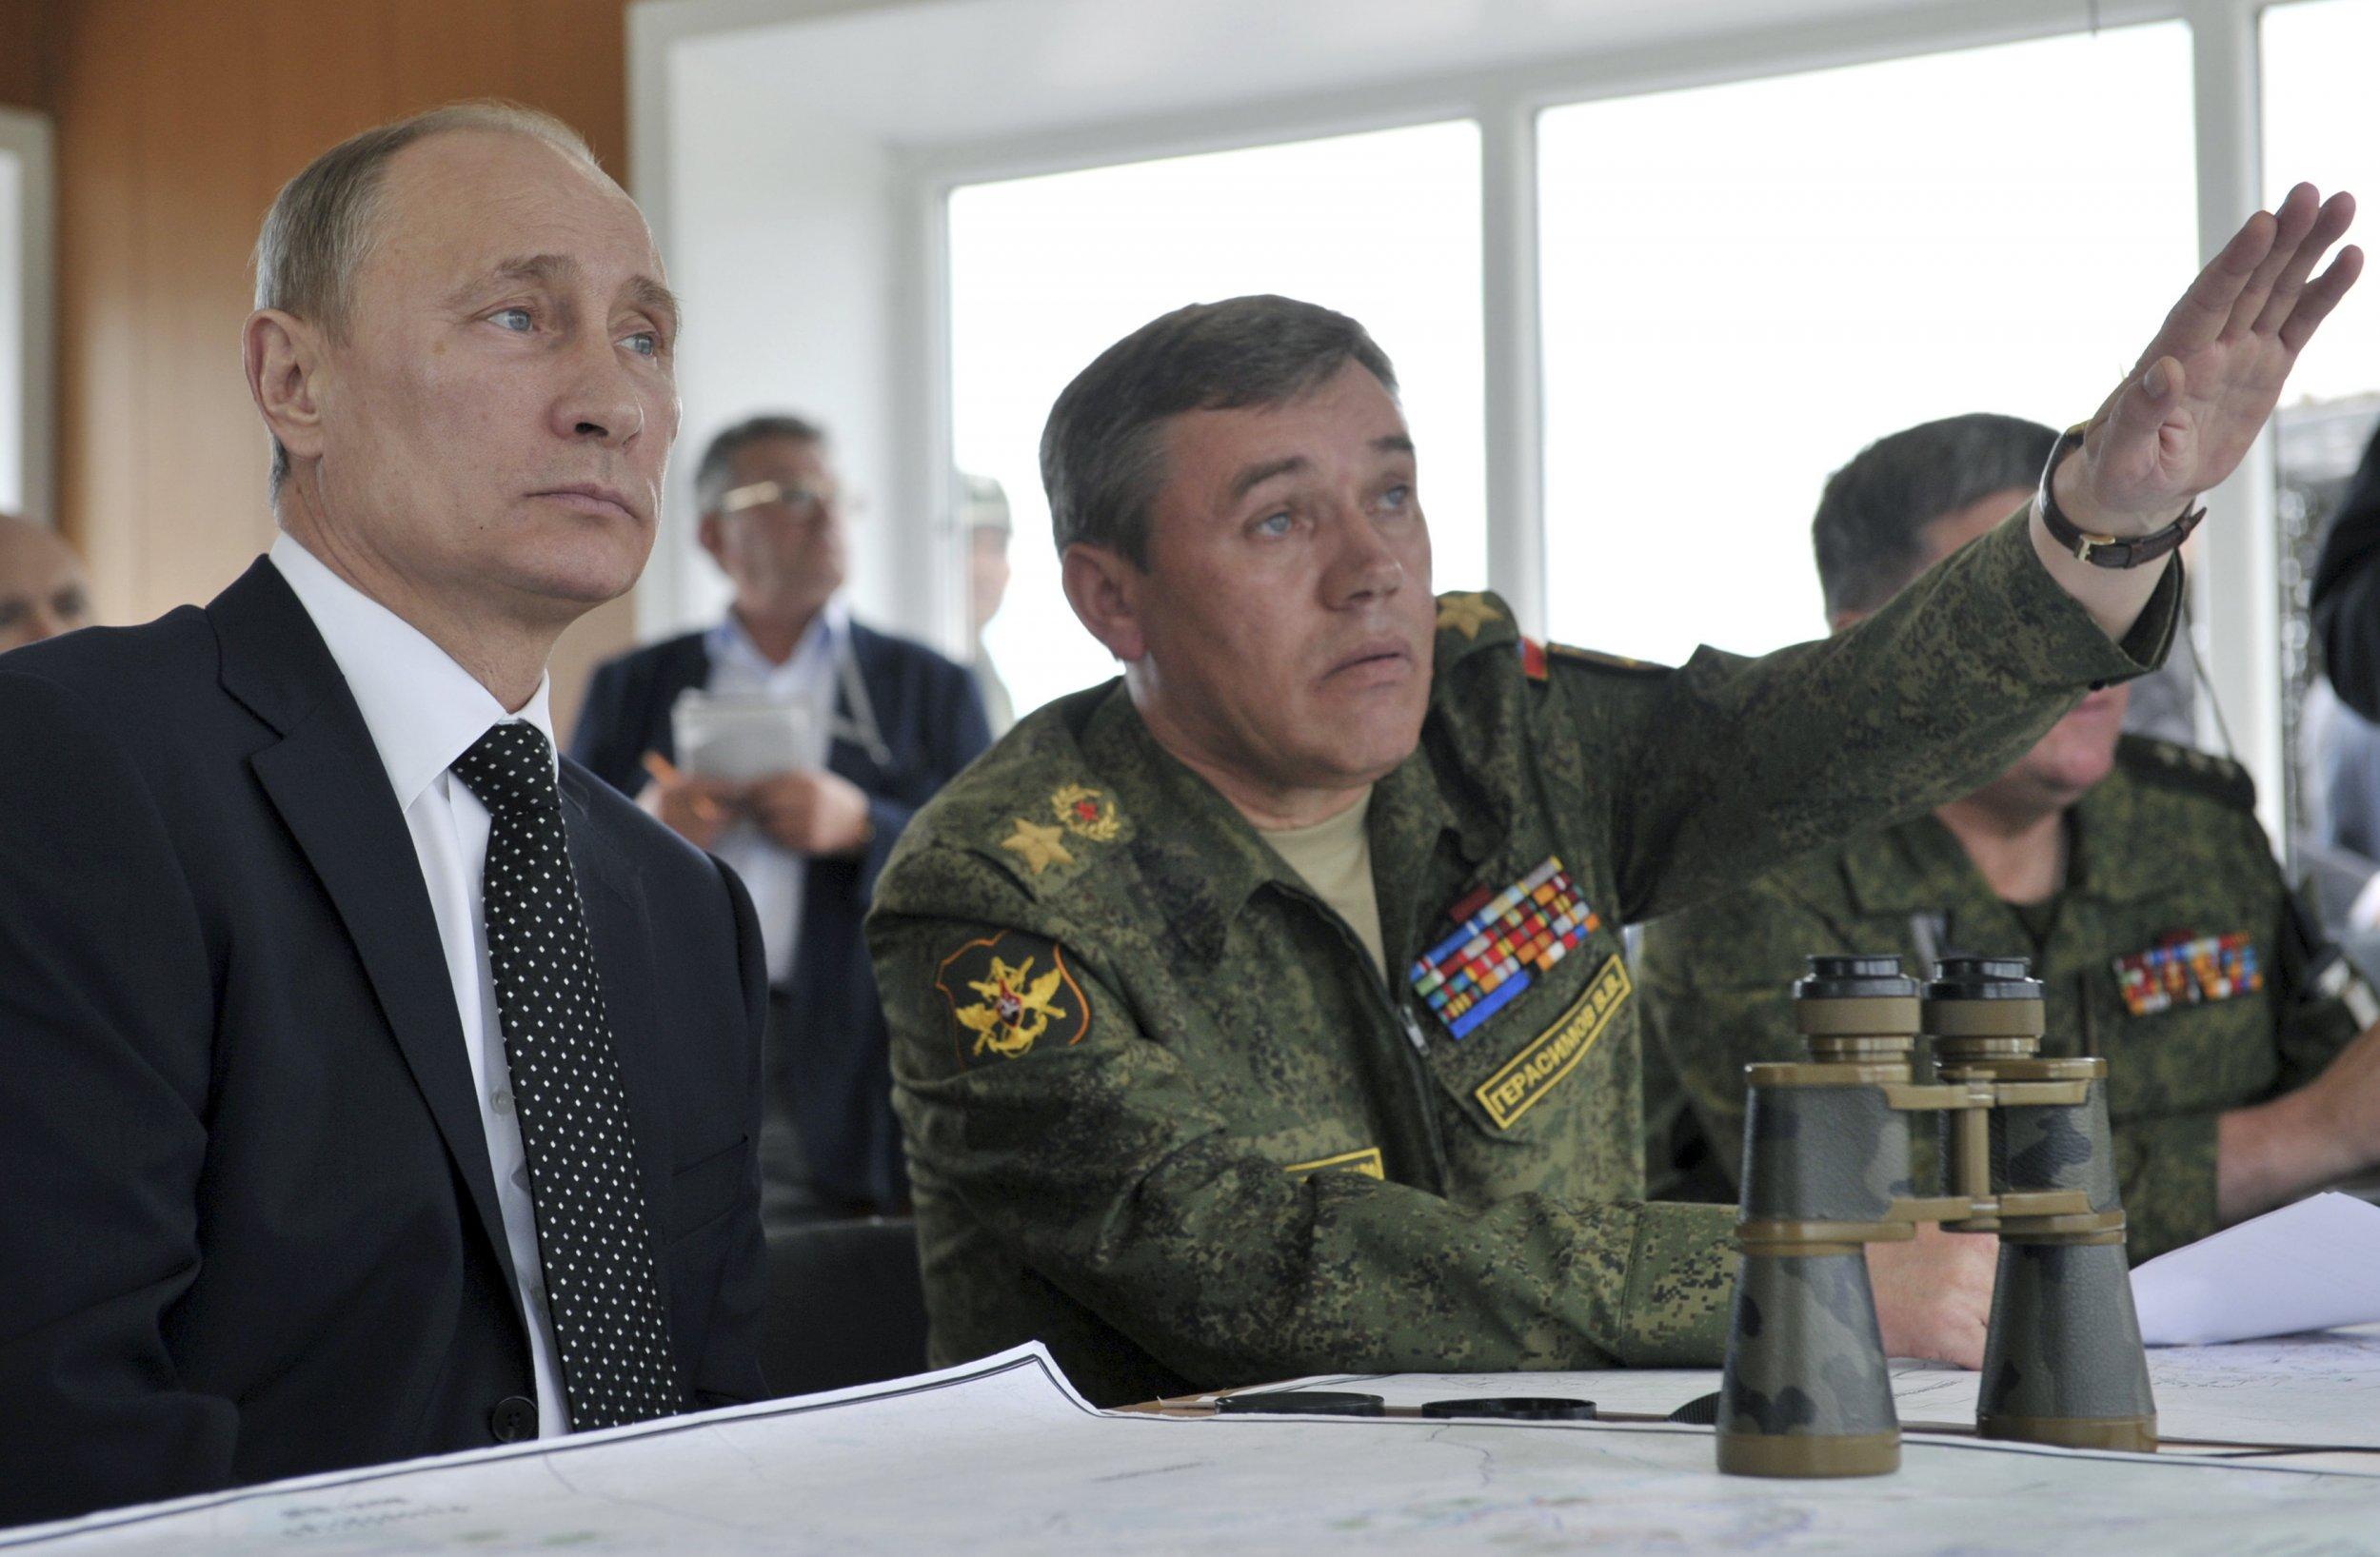 Putin and Gerasimov